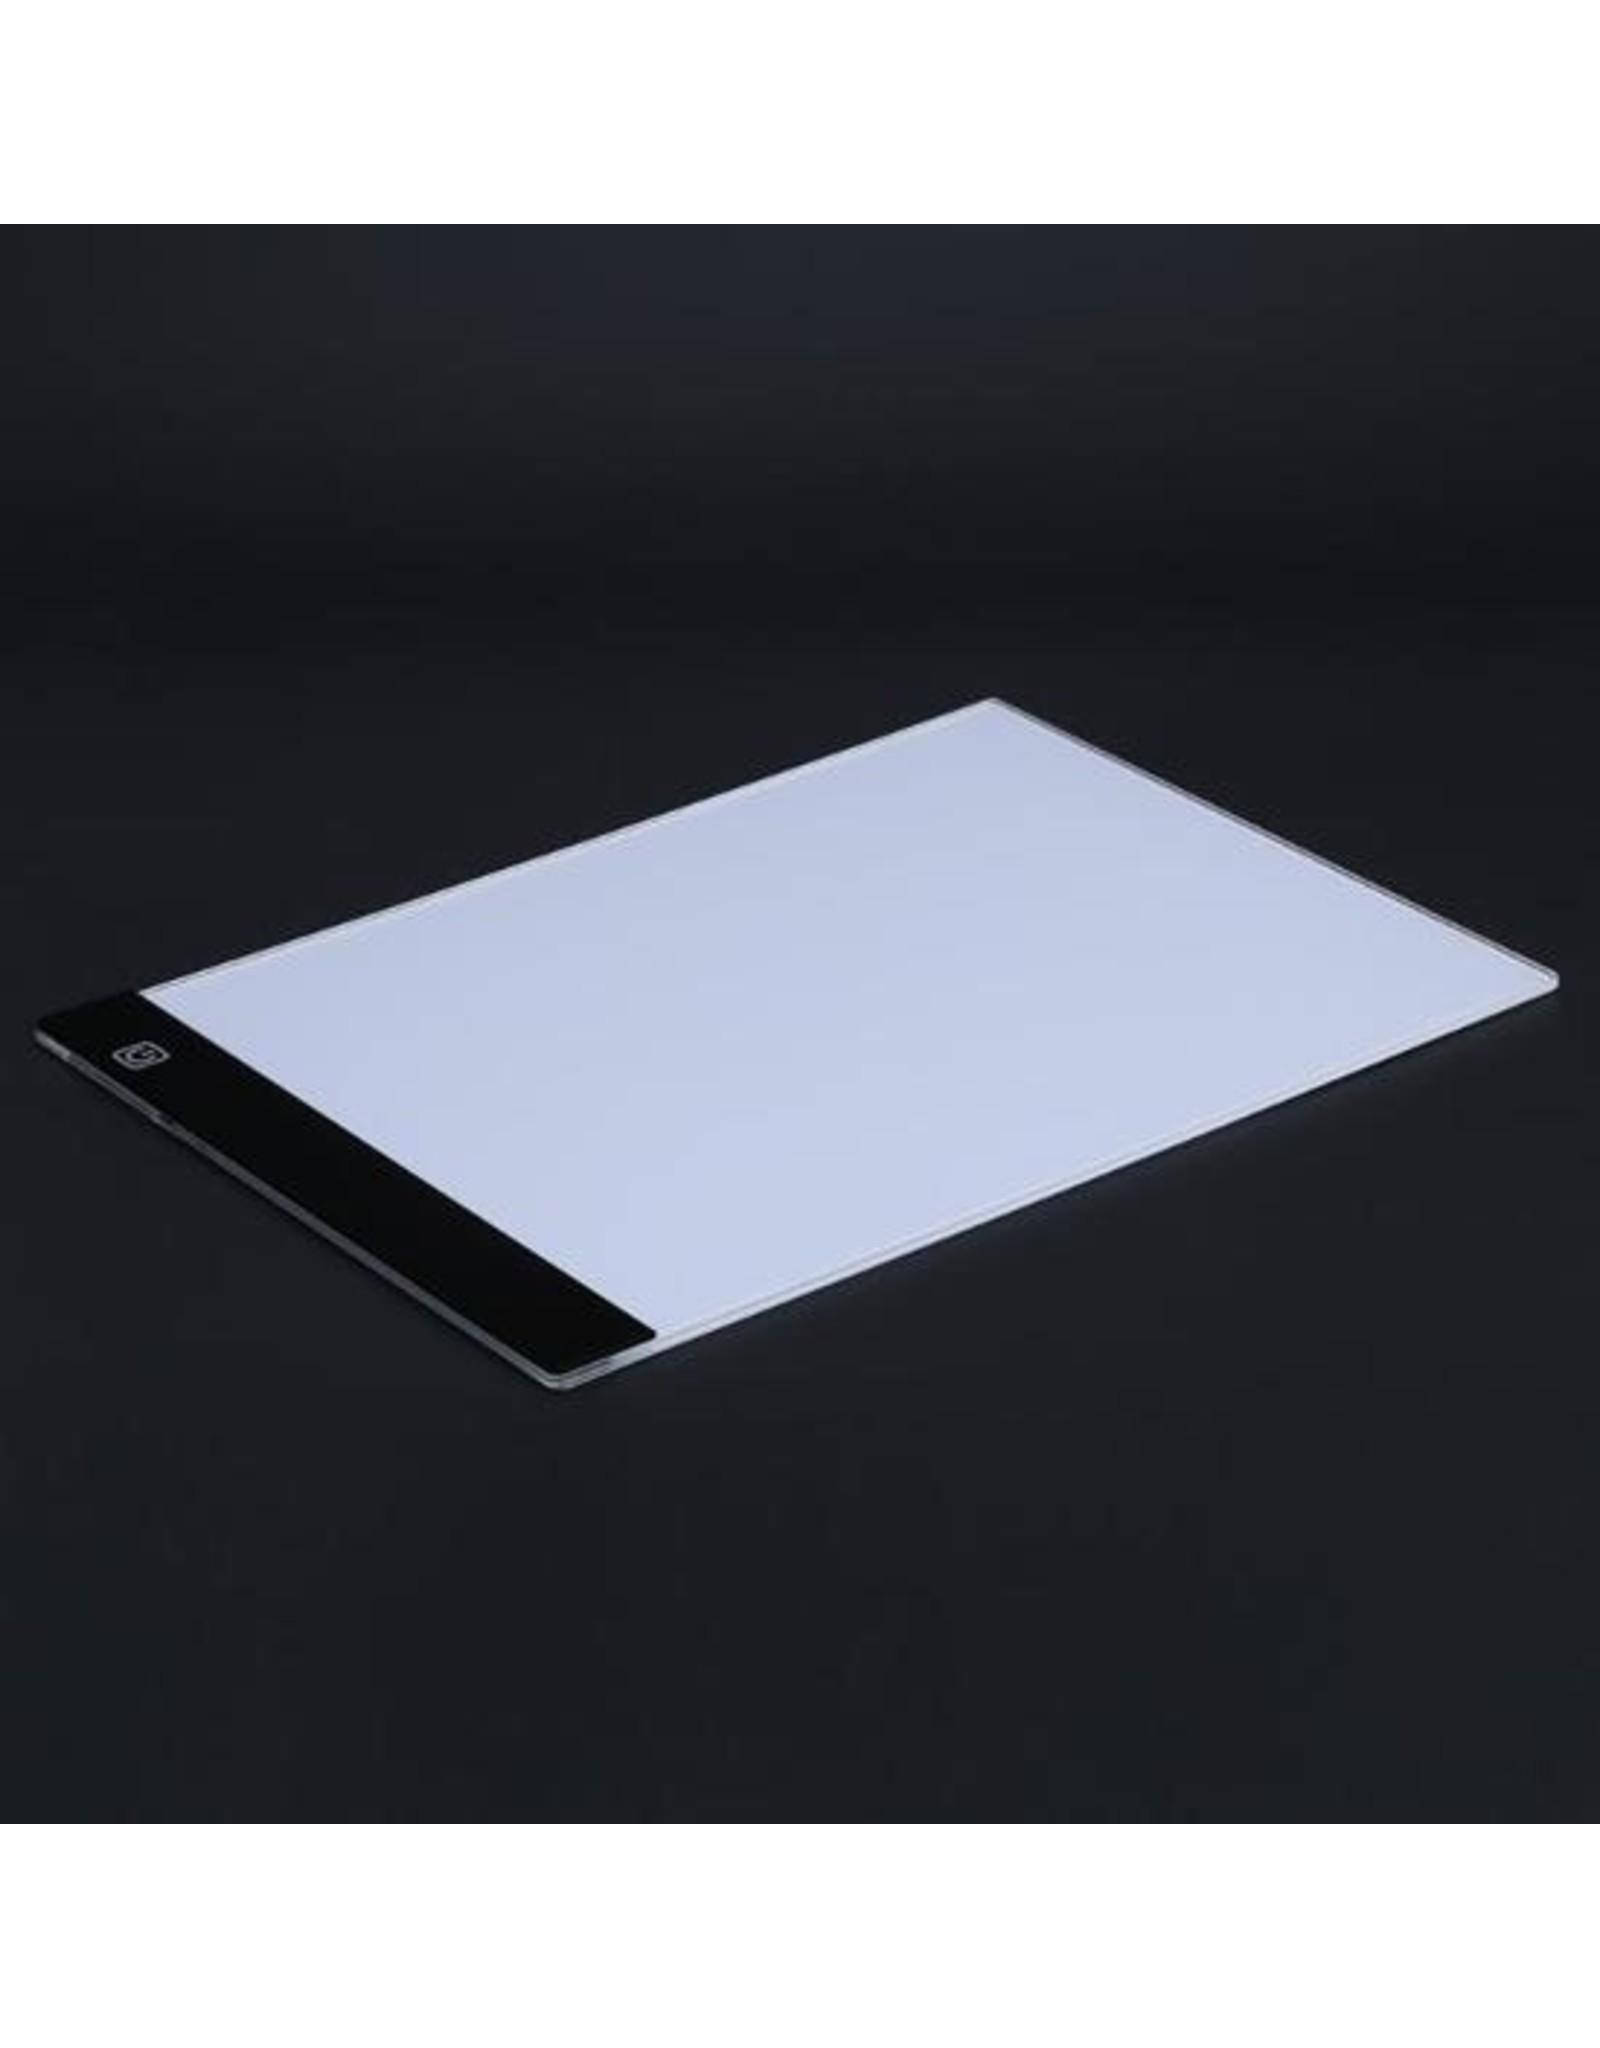 Merkloos Diamond Painting LED-Bord A4 / Lightpad / LED Lichtbak / Tekentafel